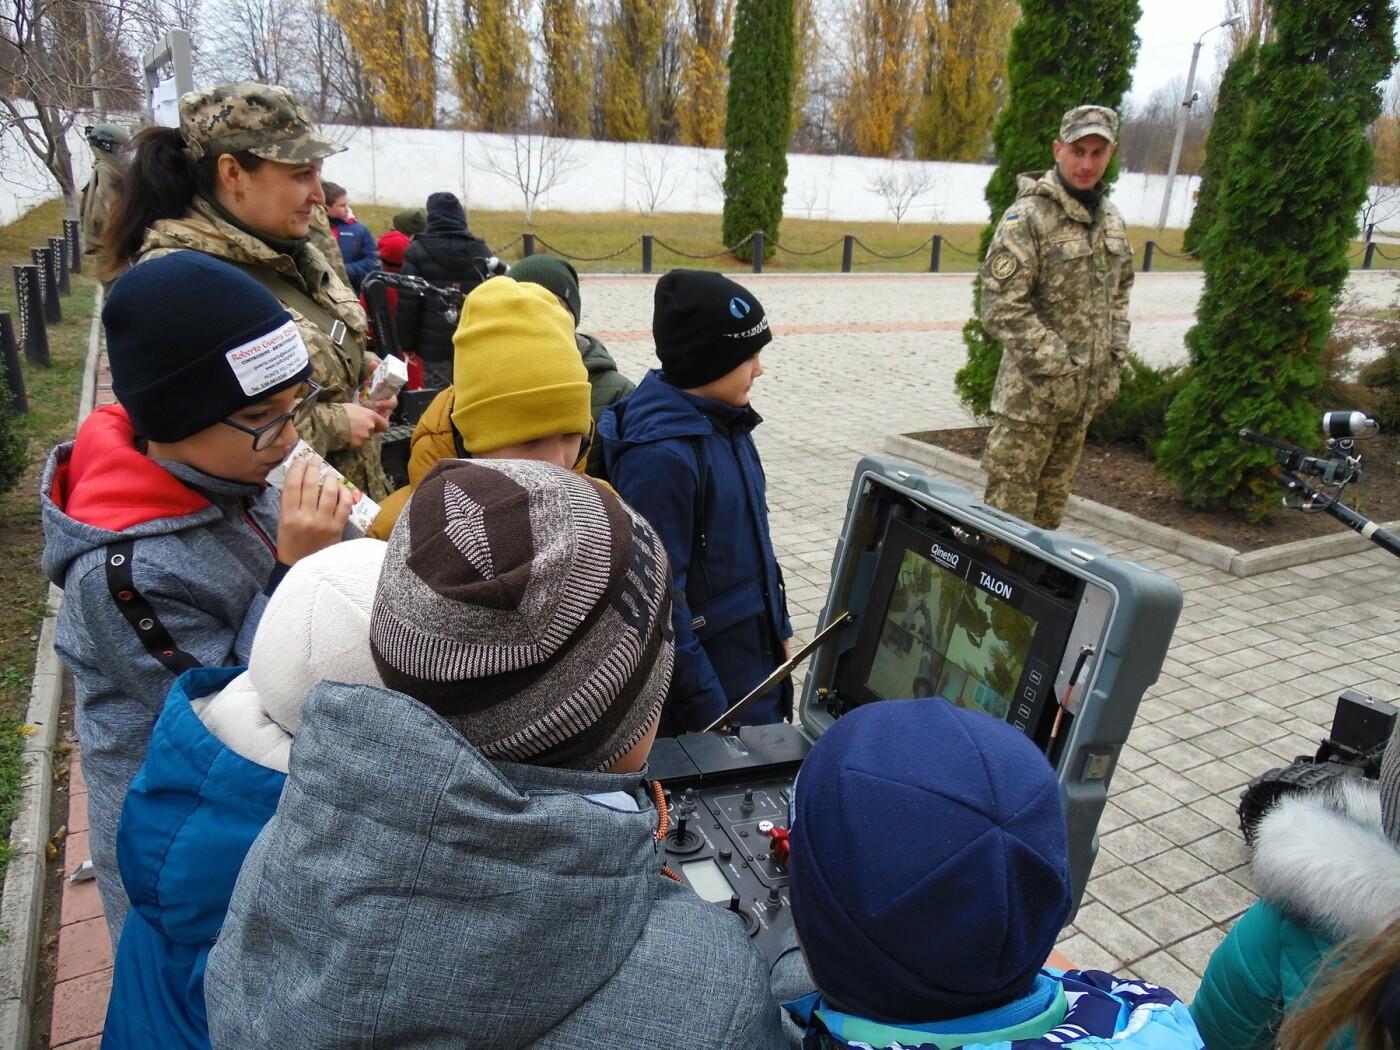 До строю військовослужбовців Центру розмінування, з нагоди Дня інженерних військ, стали їхні діти, фото-14